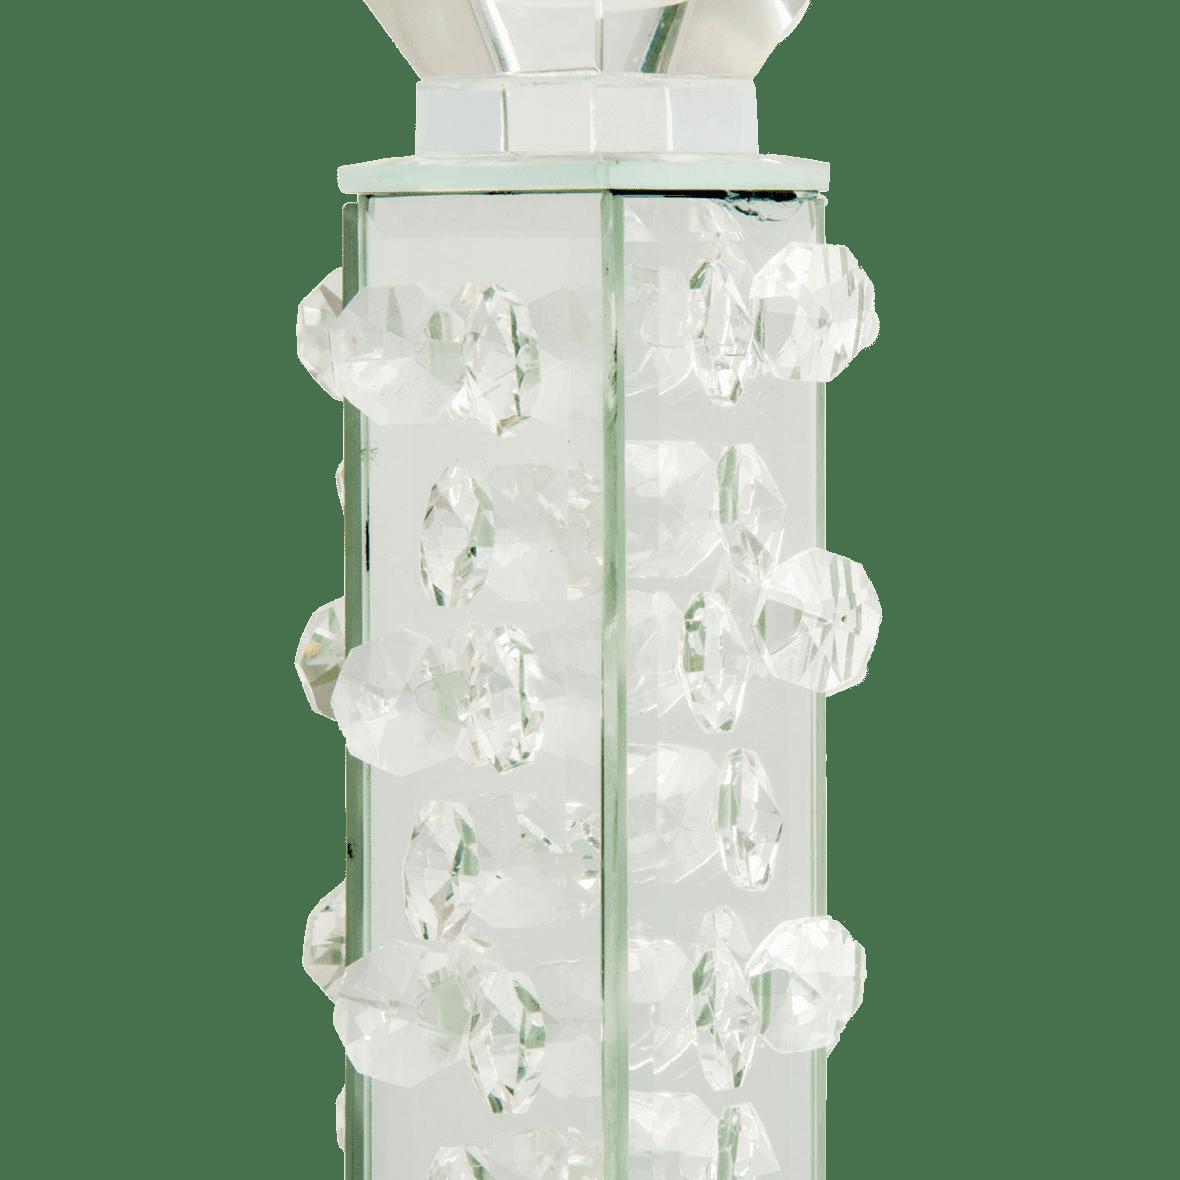 Зеркальный подсвечник, рельефная колонна, низкий